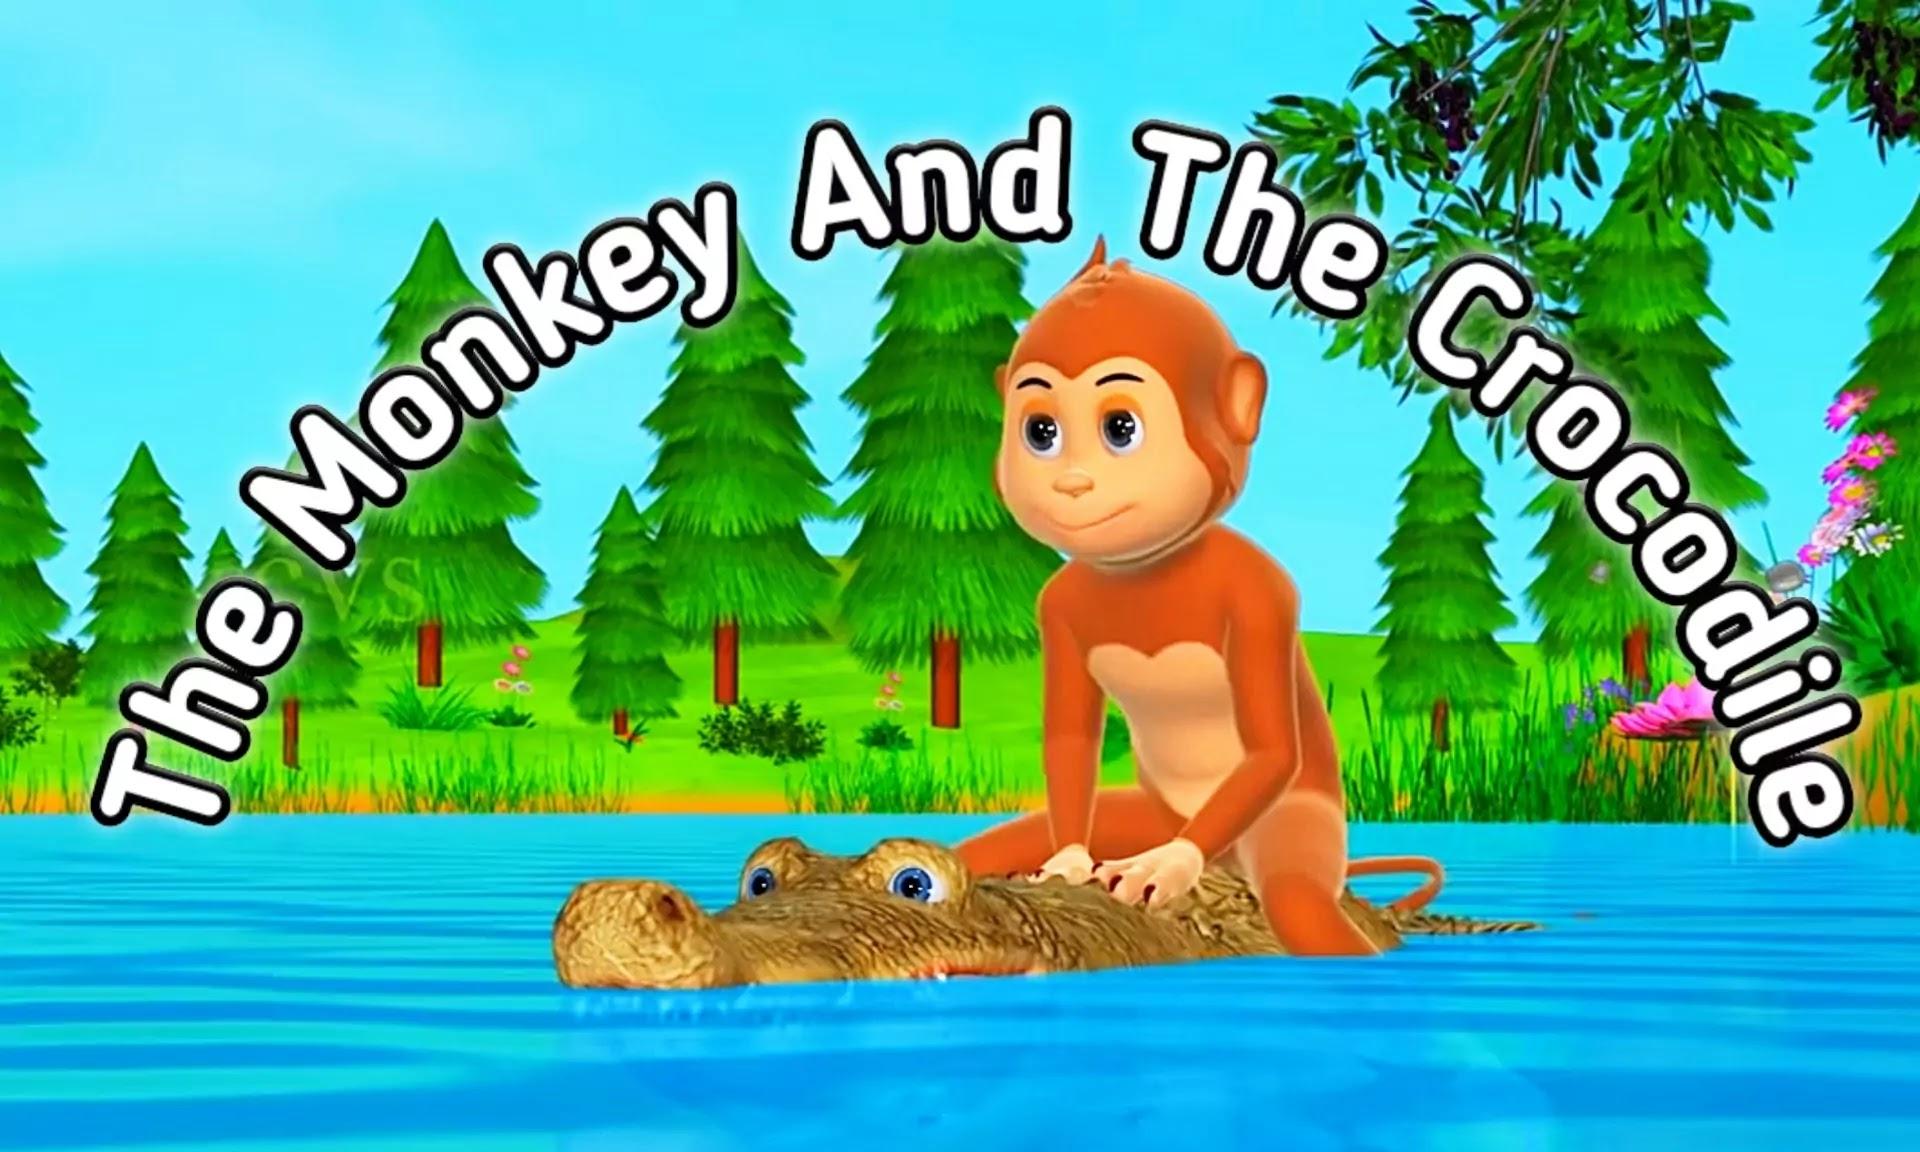 """the monkey and the crocodile story in hindi"""" यानी मगरमच्छ और बंदर की कहानी"""